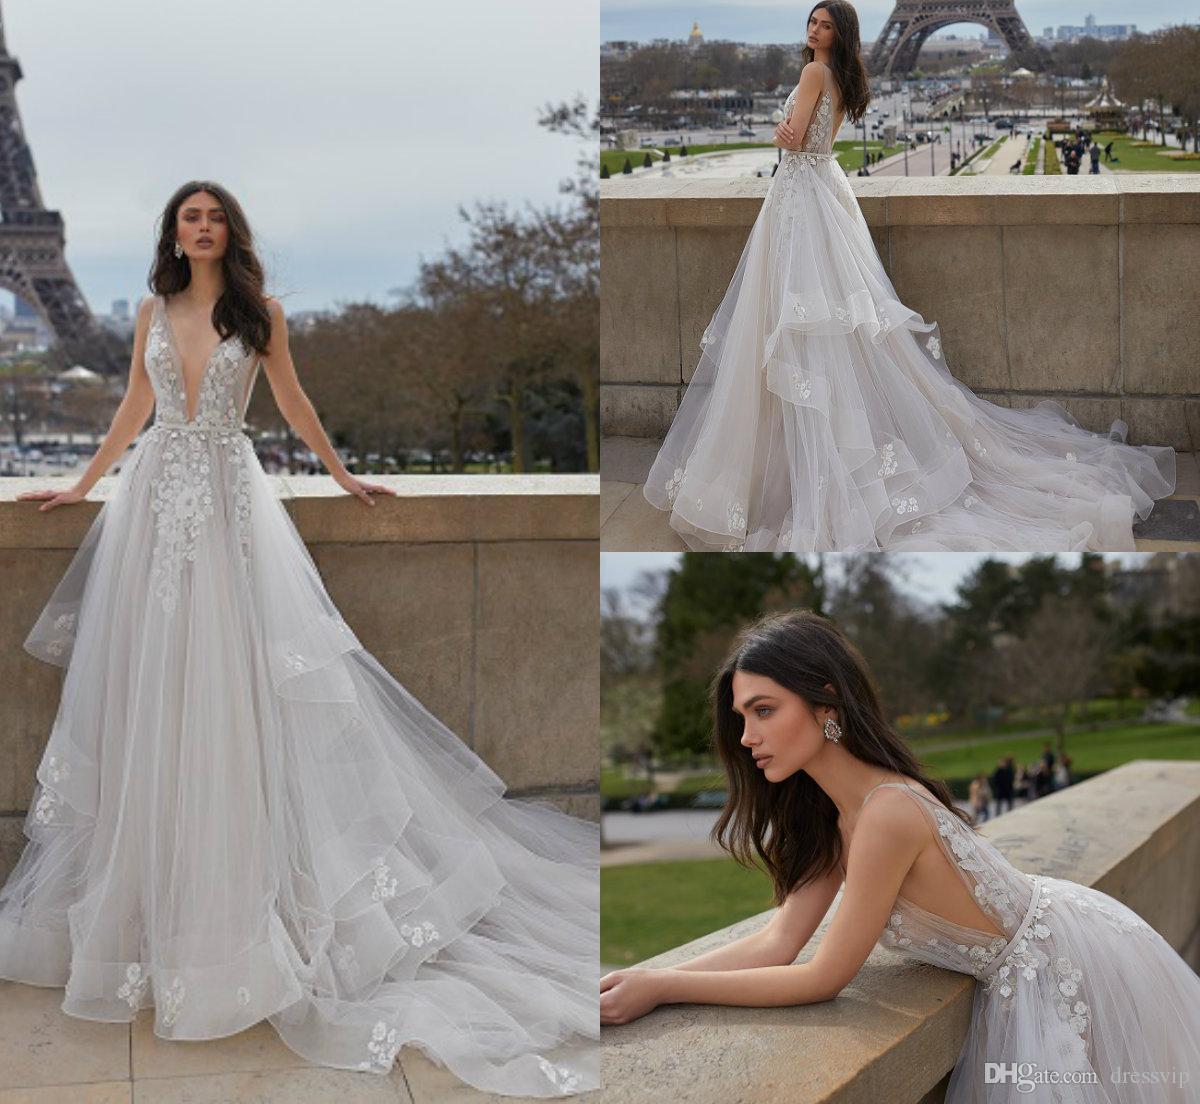 ff83957e7a Modelos Vestidos Noiva 2019 Julie Vino Praia Vestidos De Casamento Profundo  Decote Em V Sweep Trem De Renda Boho Vestido De Noiva Applique Sem Encosto  Em ...